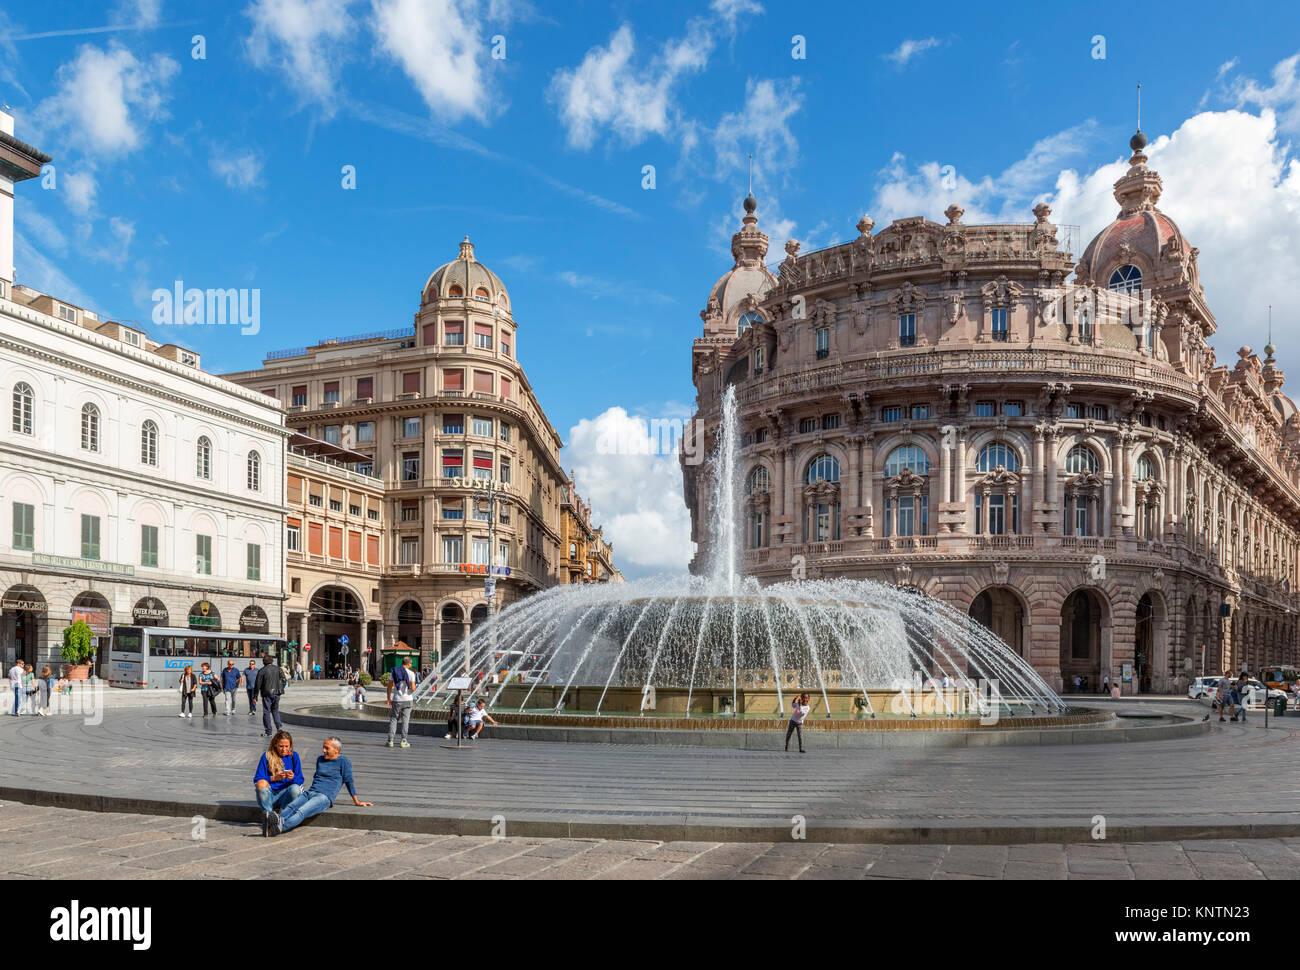 Fountain in Piazza de Ferrari in the old town, Genoa, Liguria, Italy - Stock Image